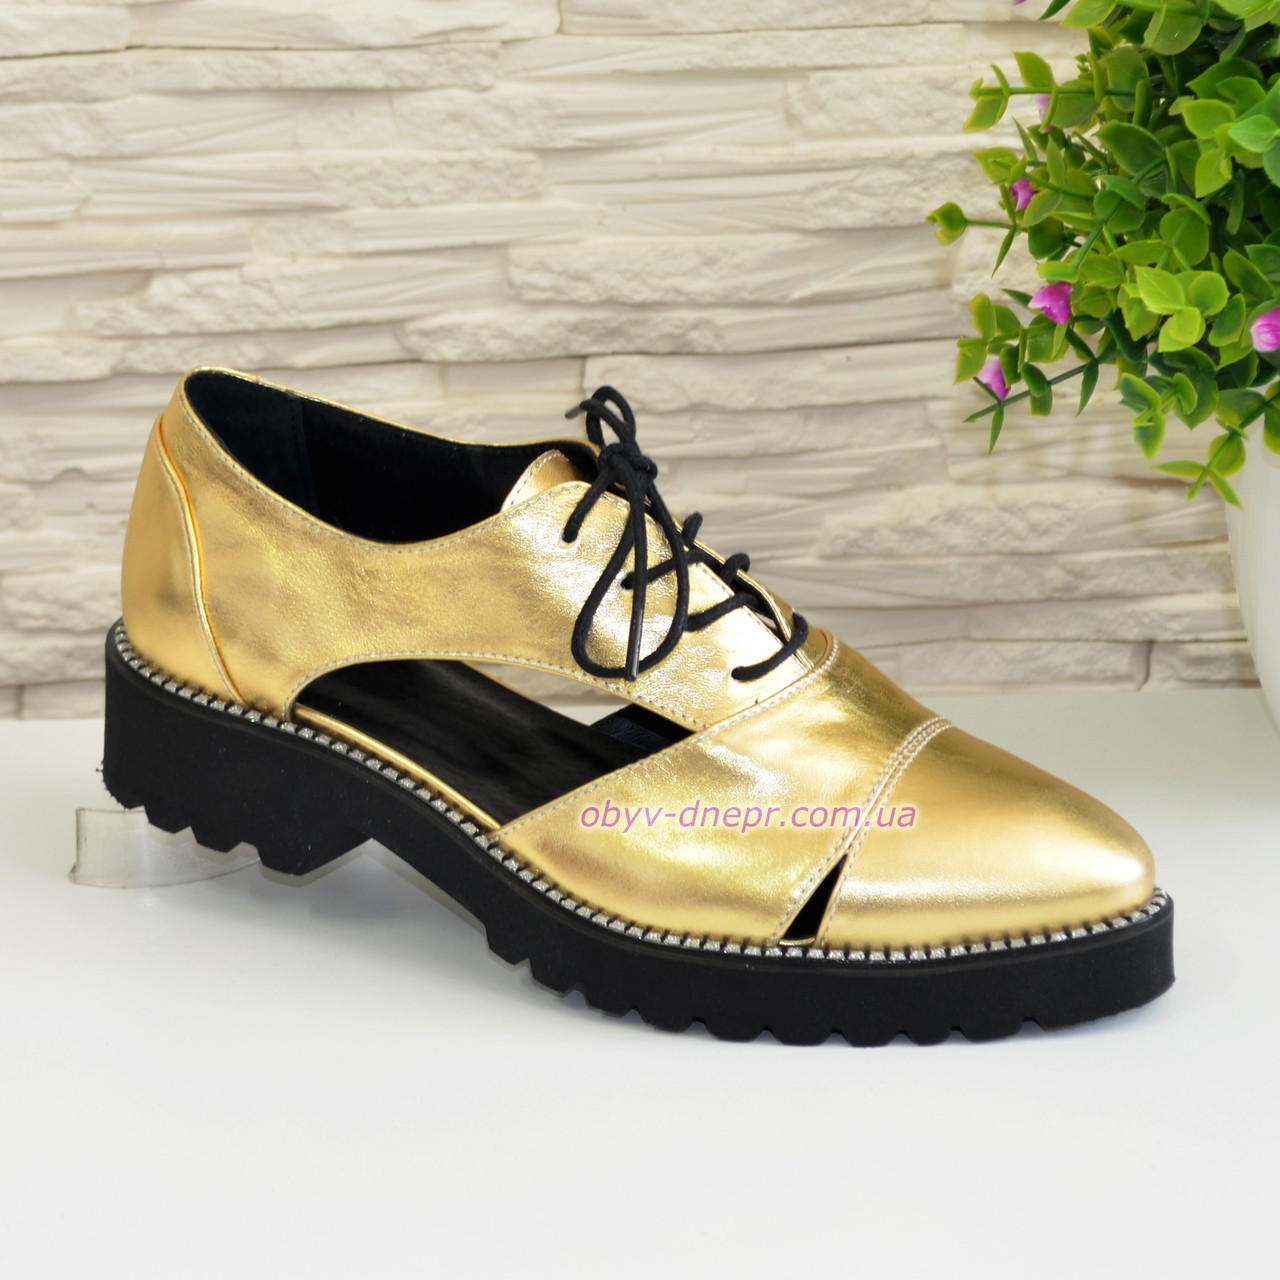 ee6e86153 Кожаные туфли женские на утолщенной подошве, цвет золото. 37 размер -  Интернет-магазин